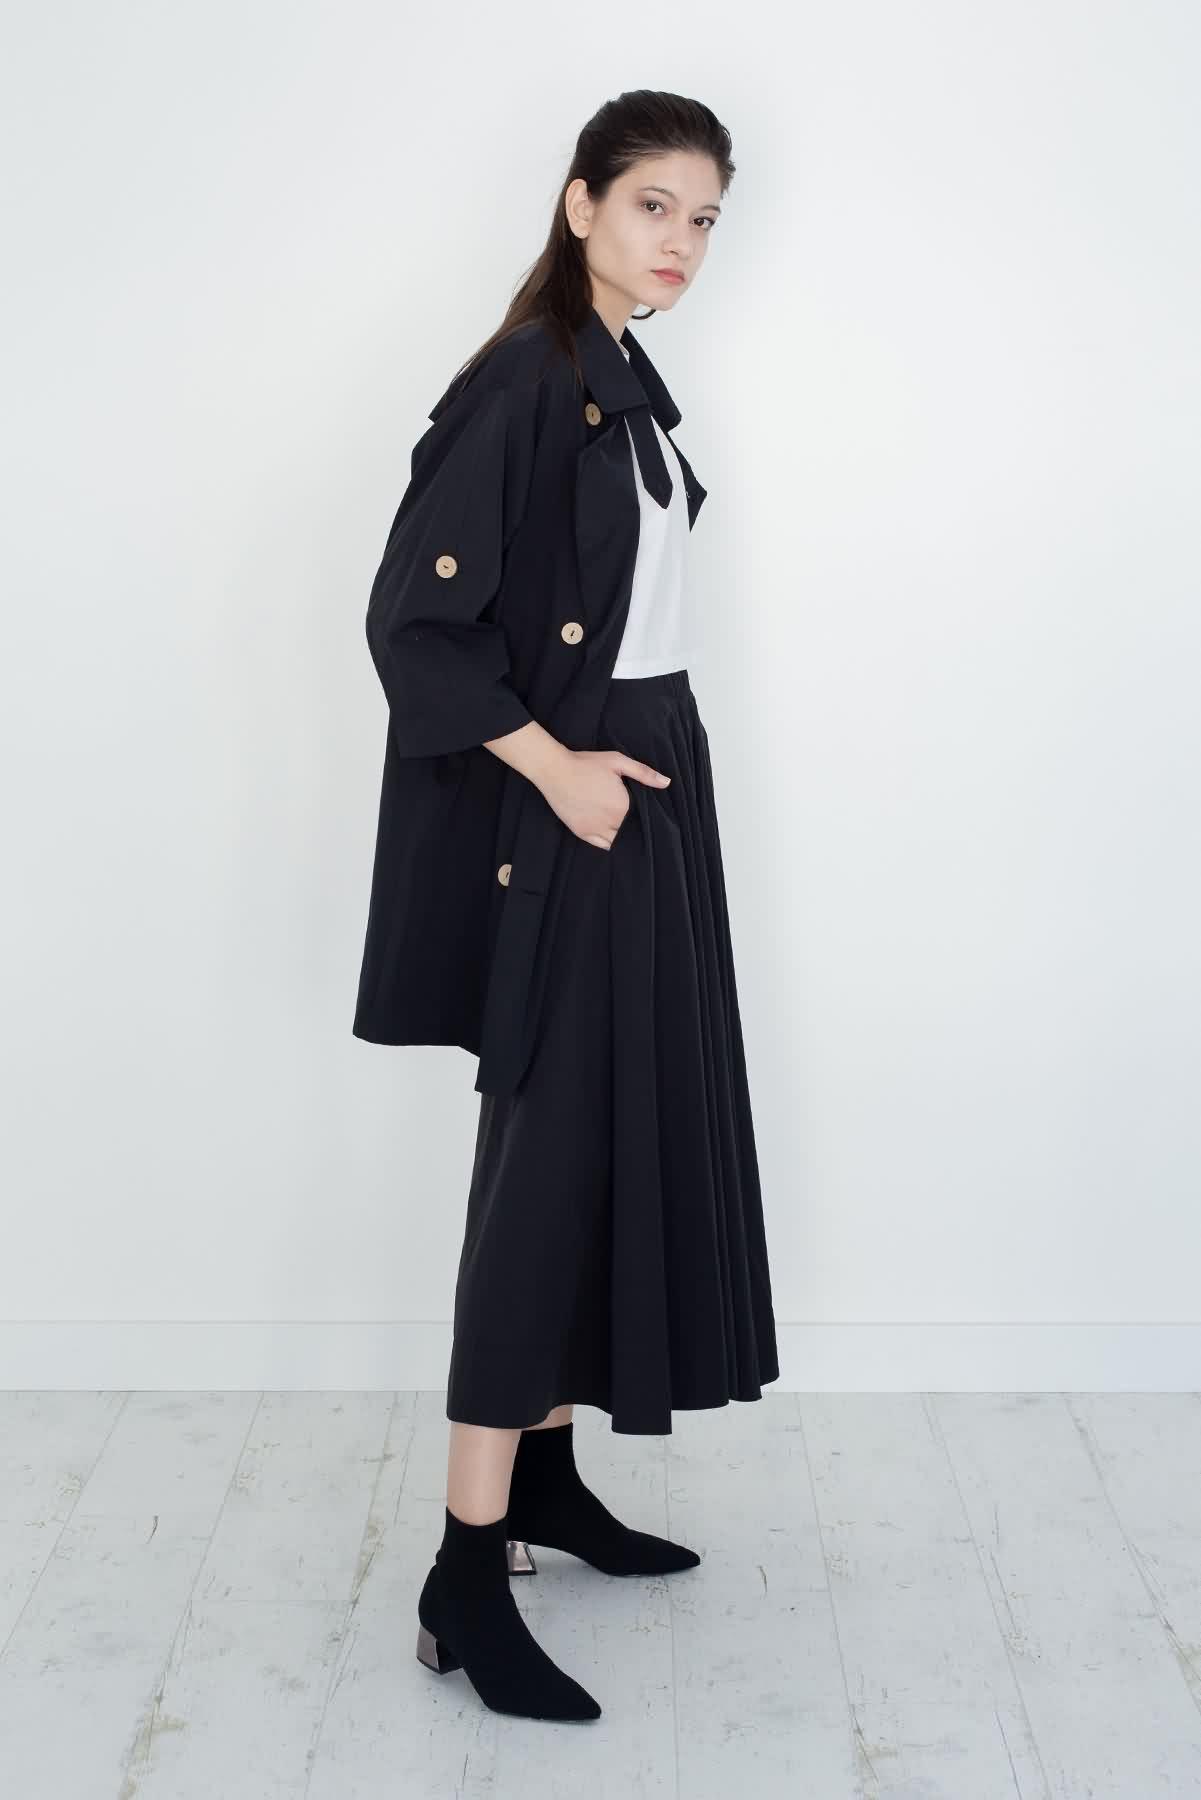 Mevra - Kısa Trenchoat Siyah